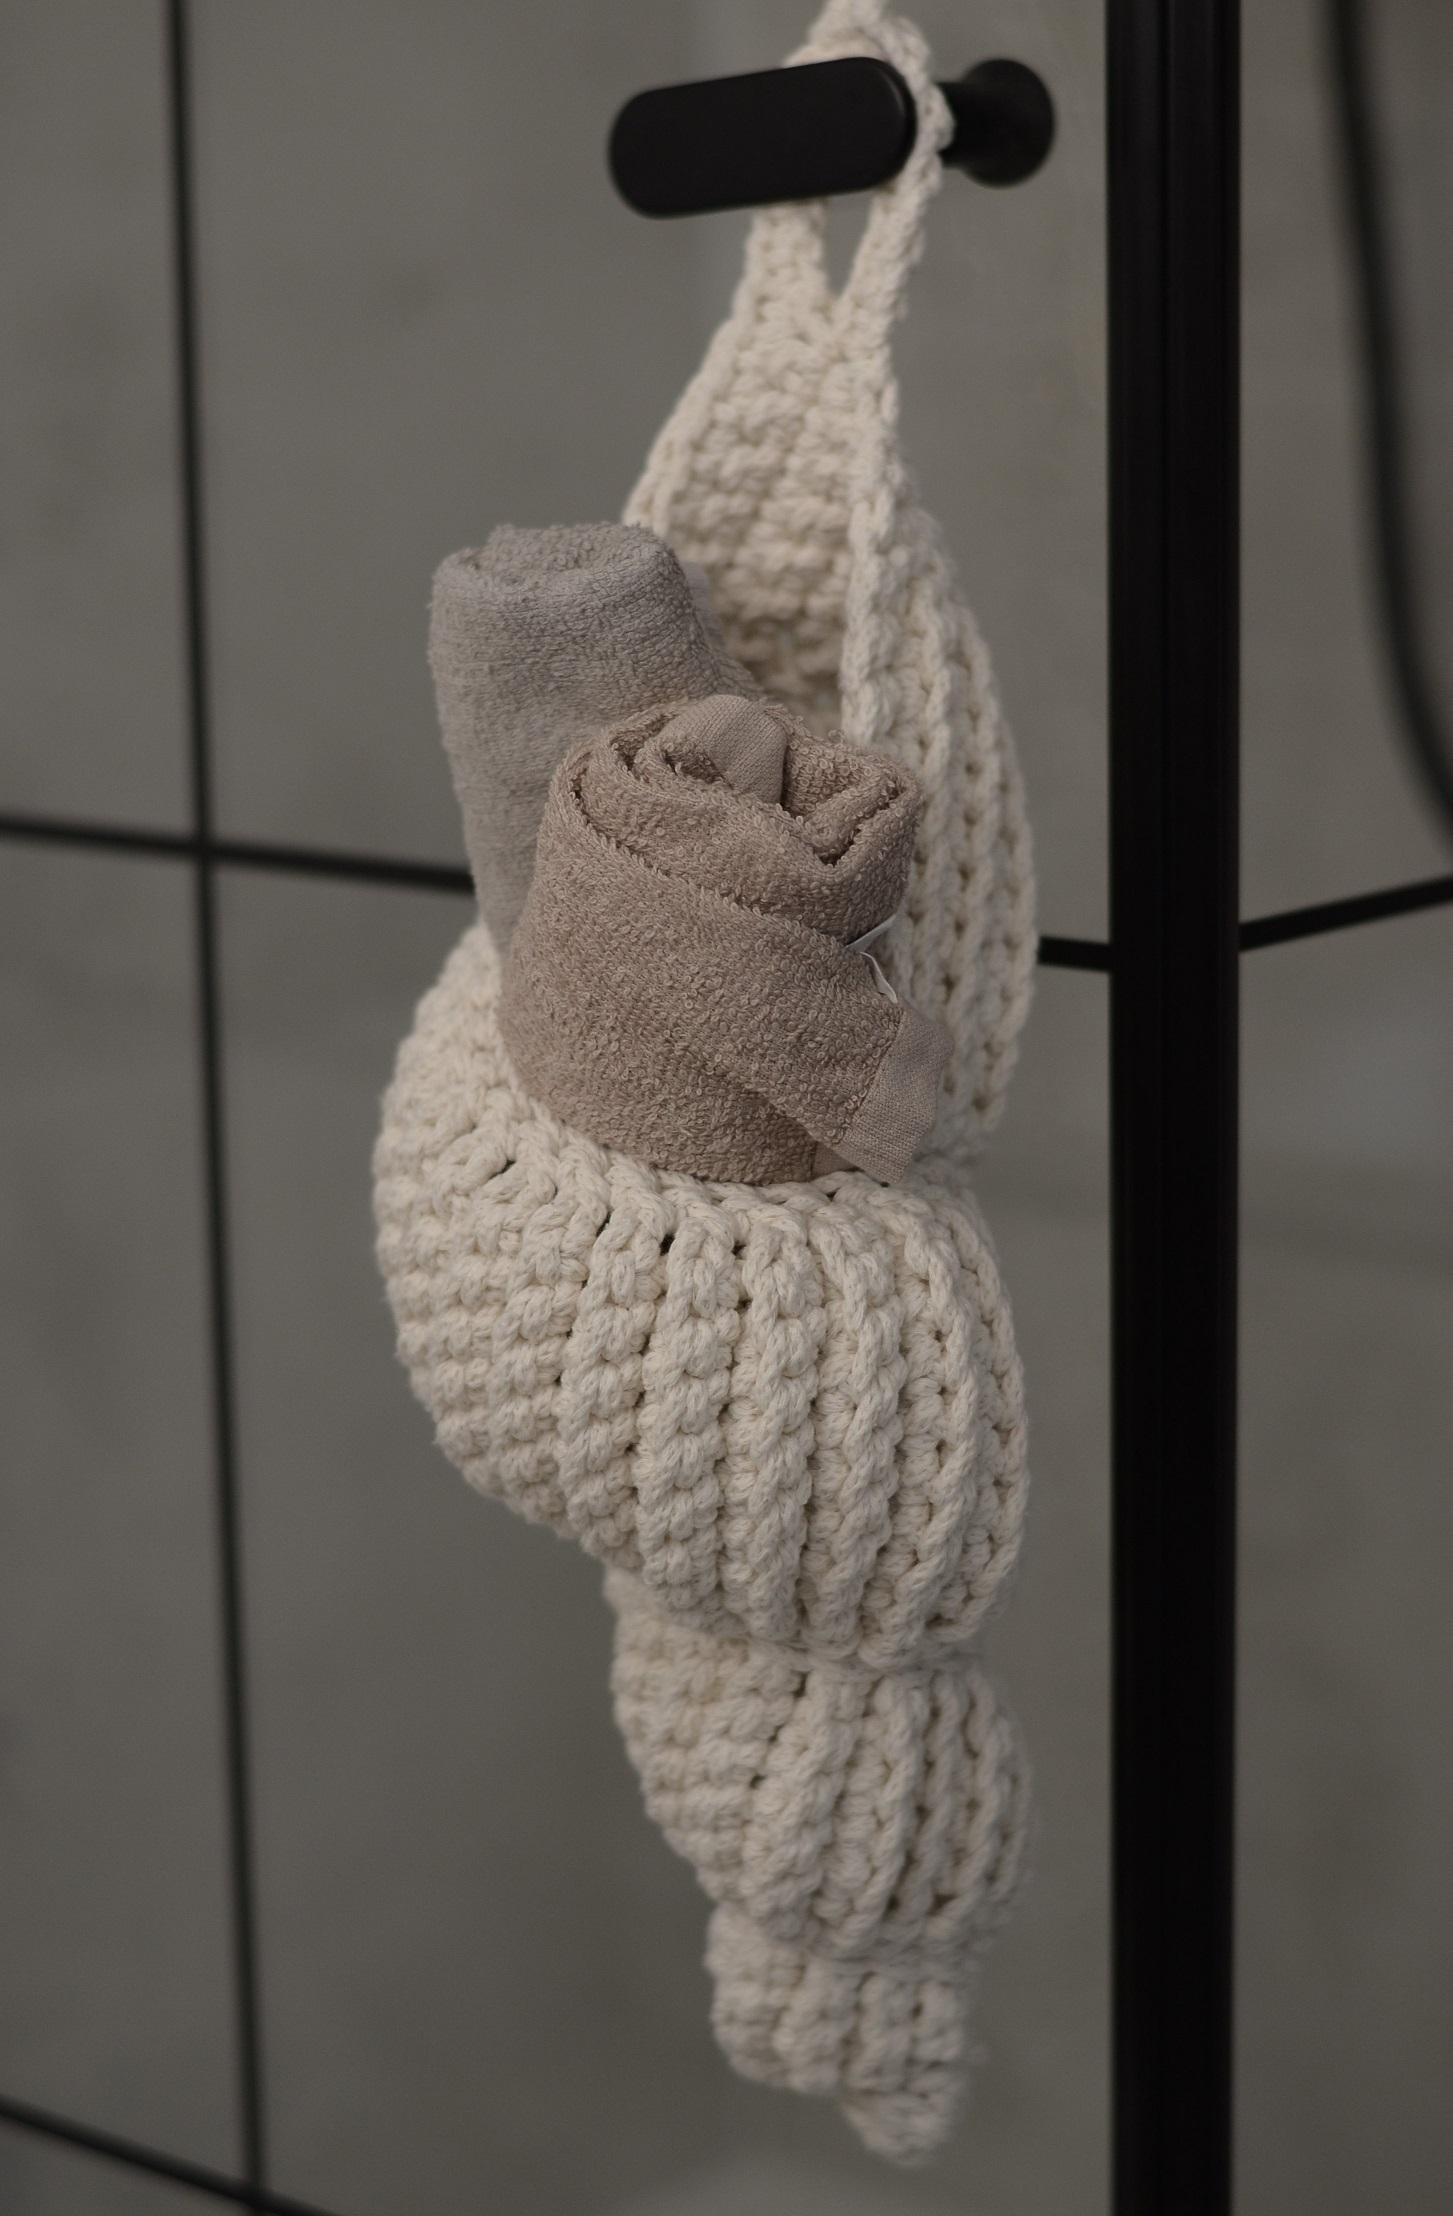 Ozdobny kosz muszla kwietnik ze sznurka bawełnianego